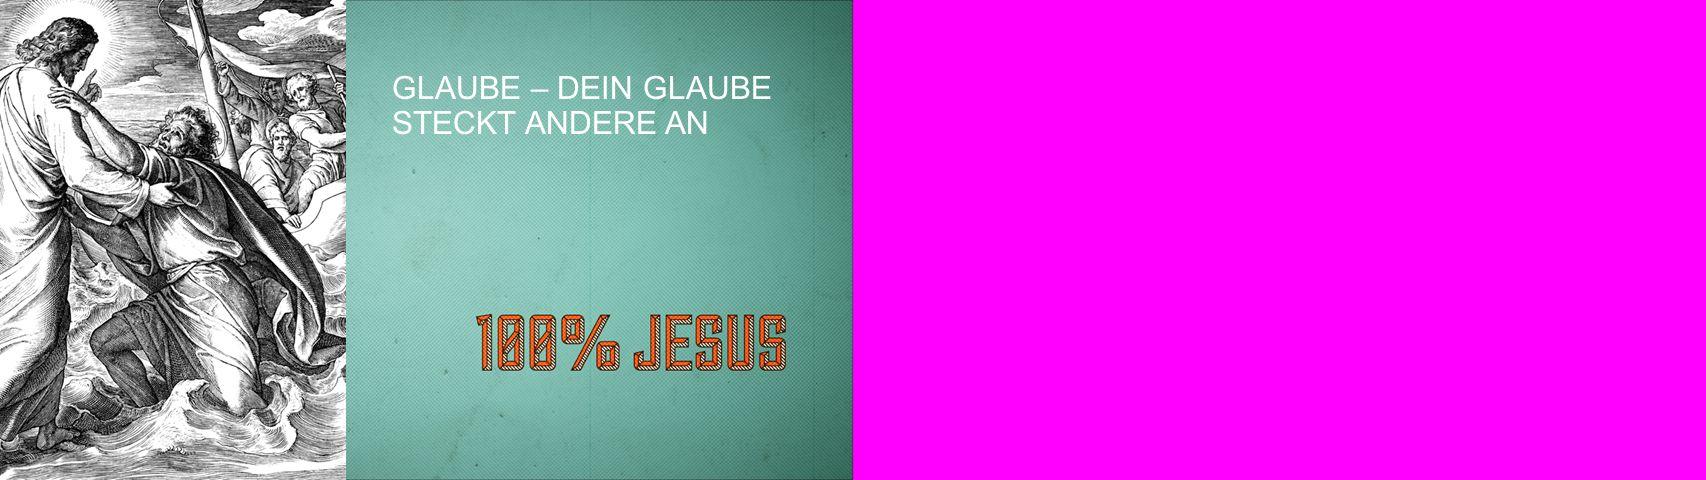 GLAUBE – DEIN GLAUBE STECKT ANDERE AN